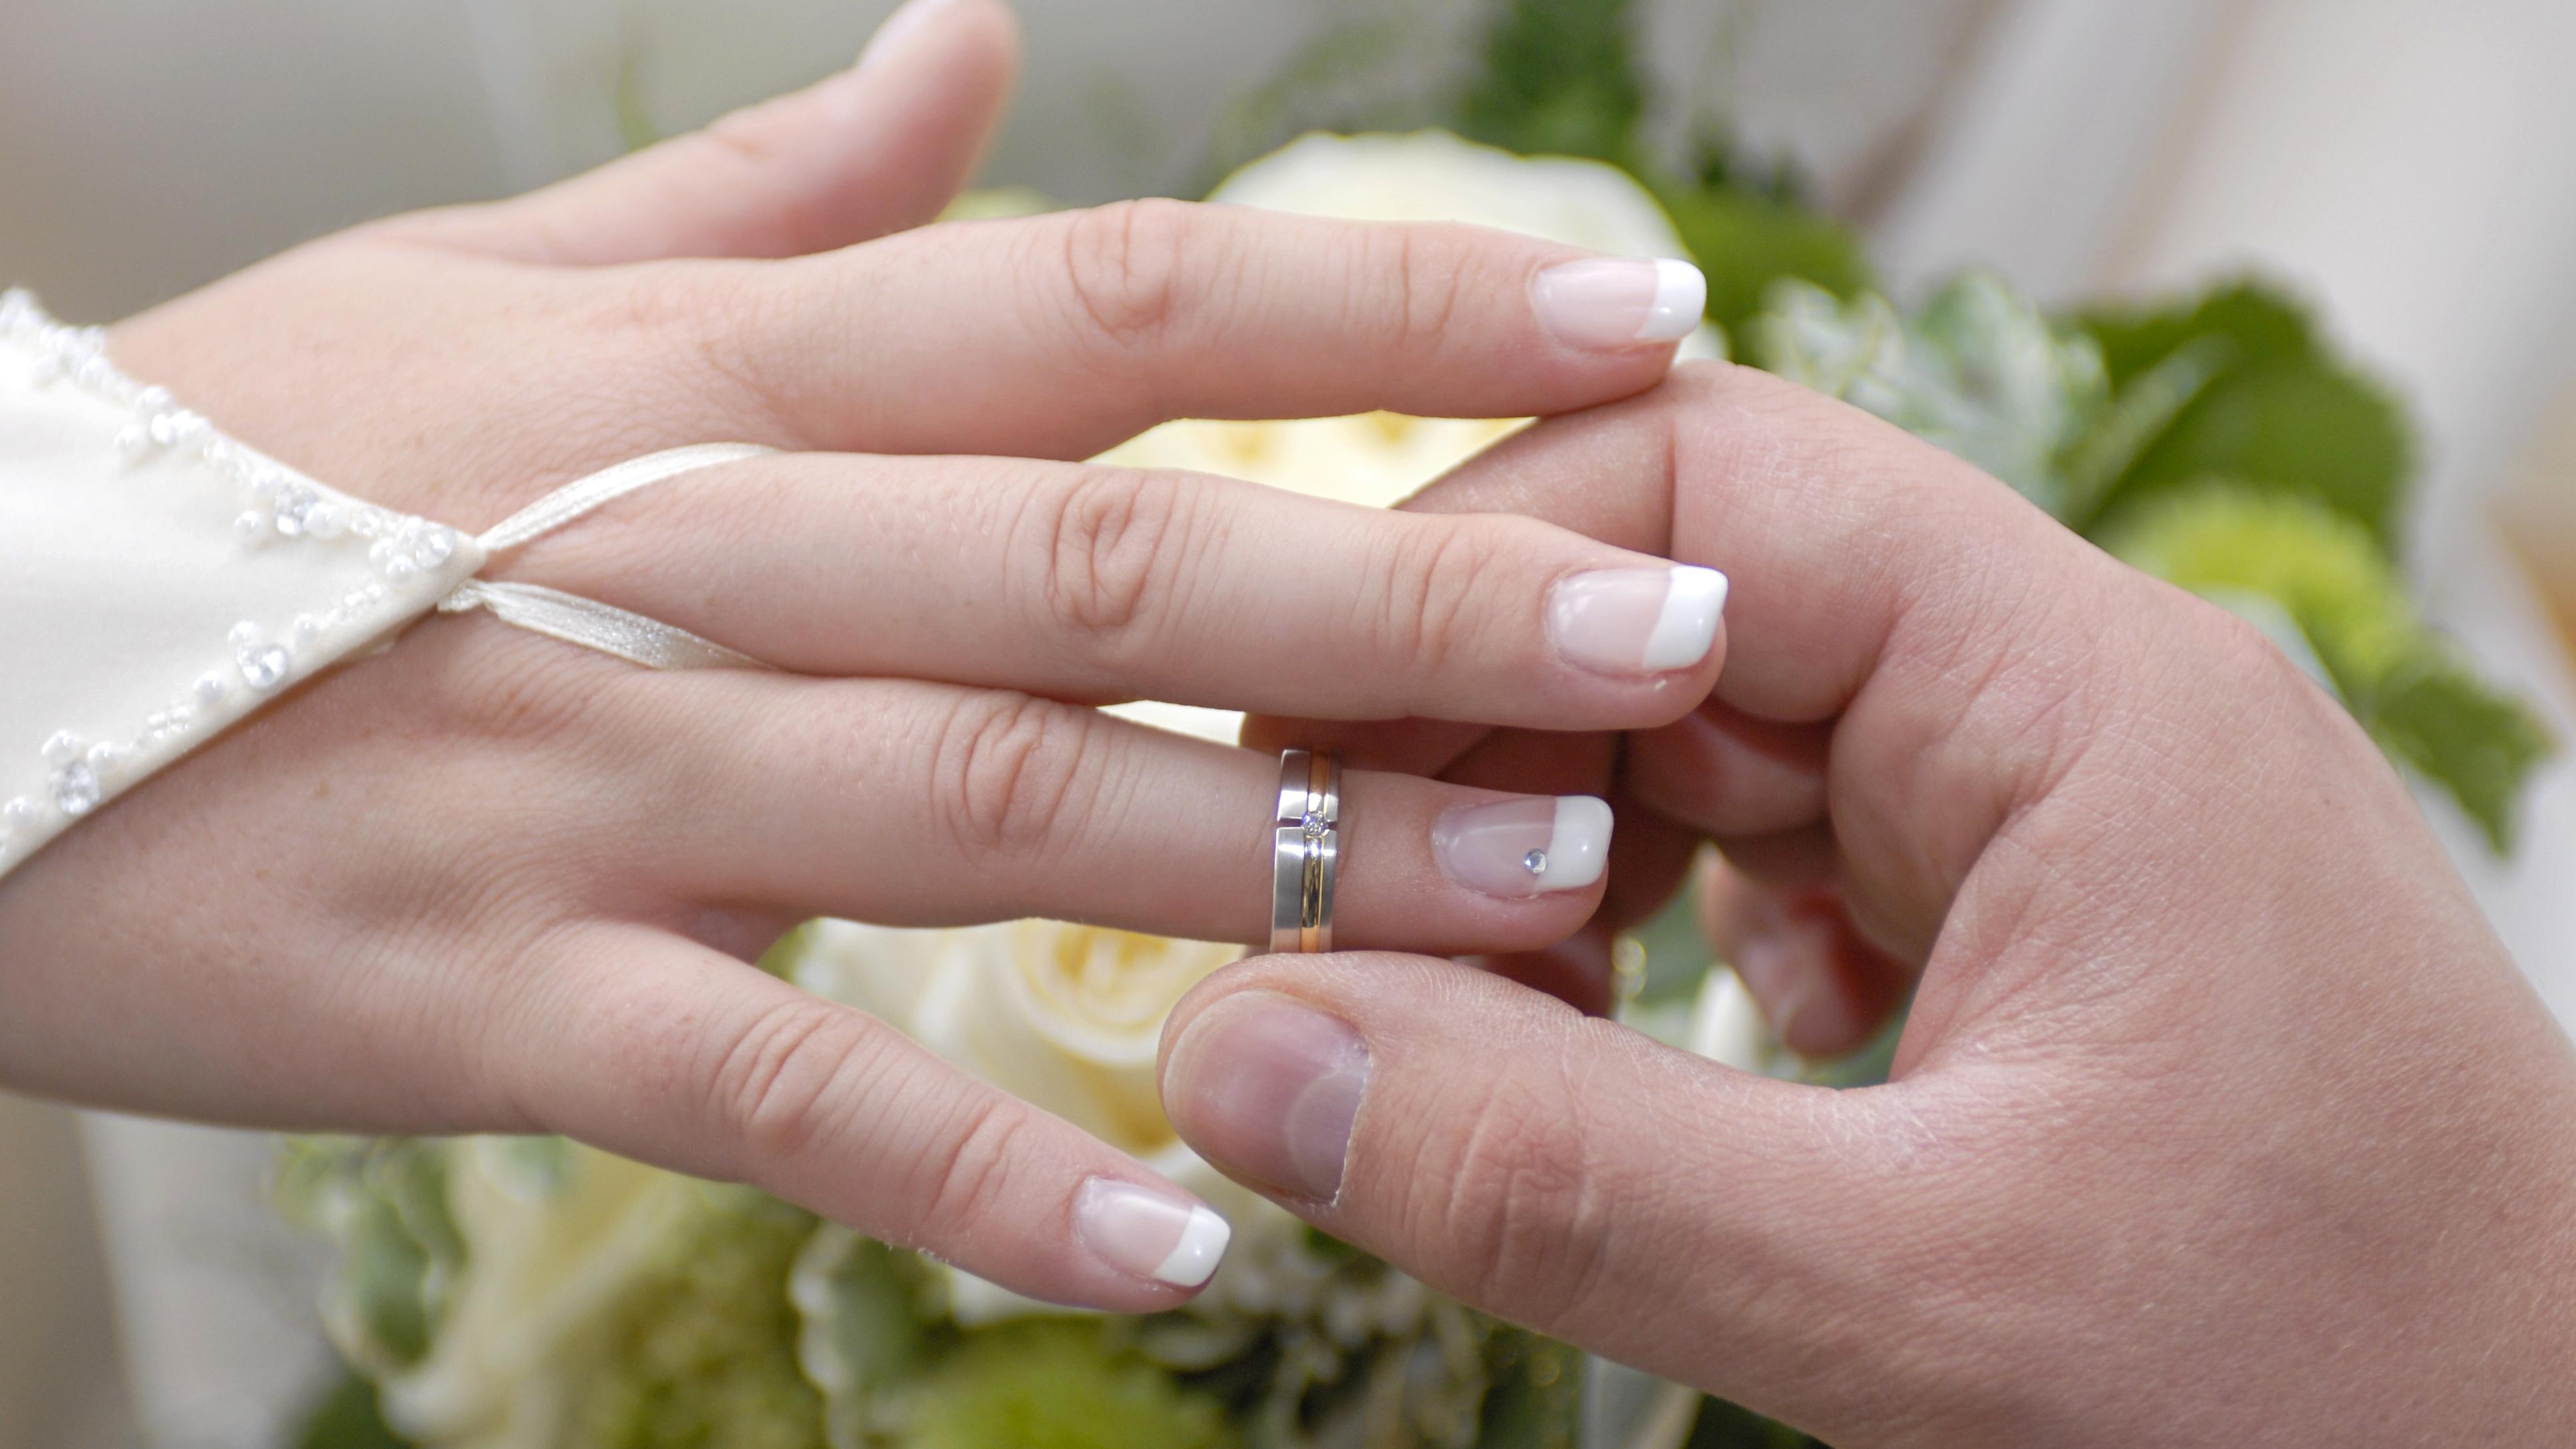 Nach wie vielen Jahren sollte man heiraten: Beziehungsdauer und Alter im Überblick